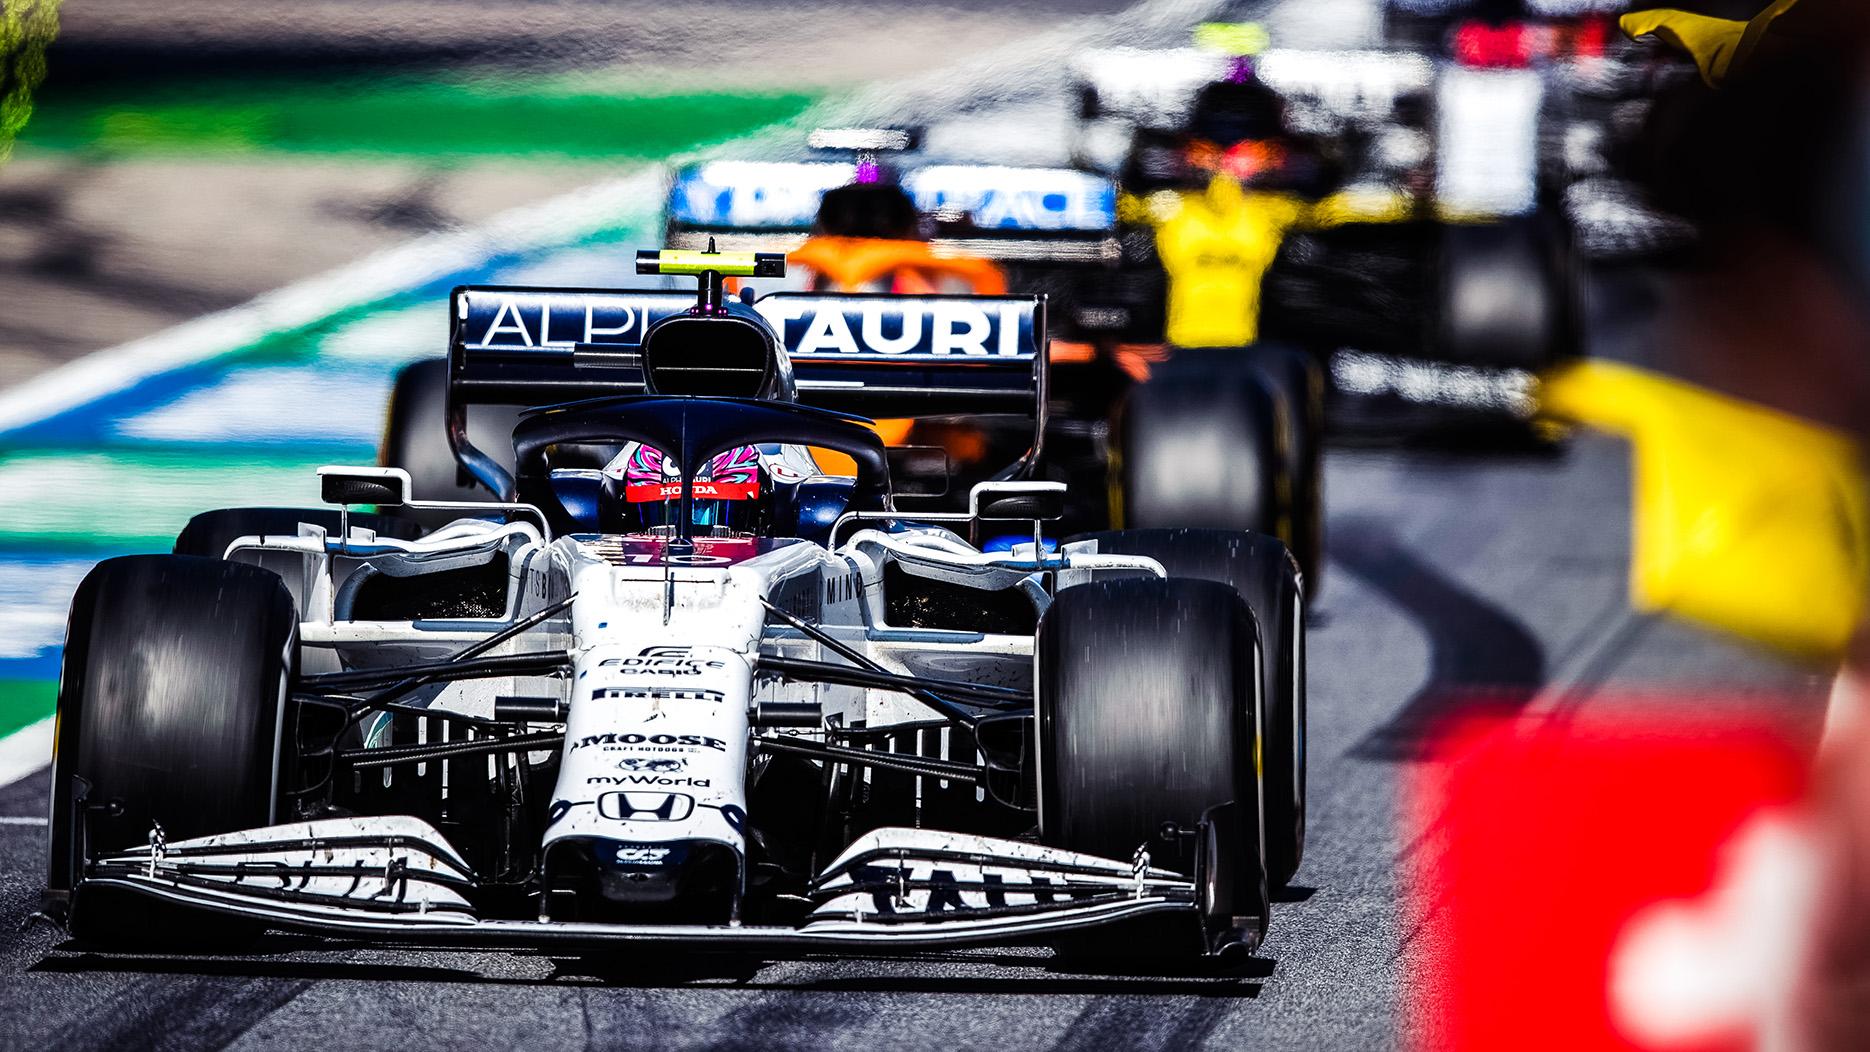 La liste des abandons au Grand Prix d'Autriche et leurs motifs 1